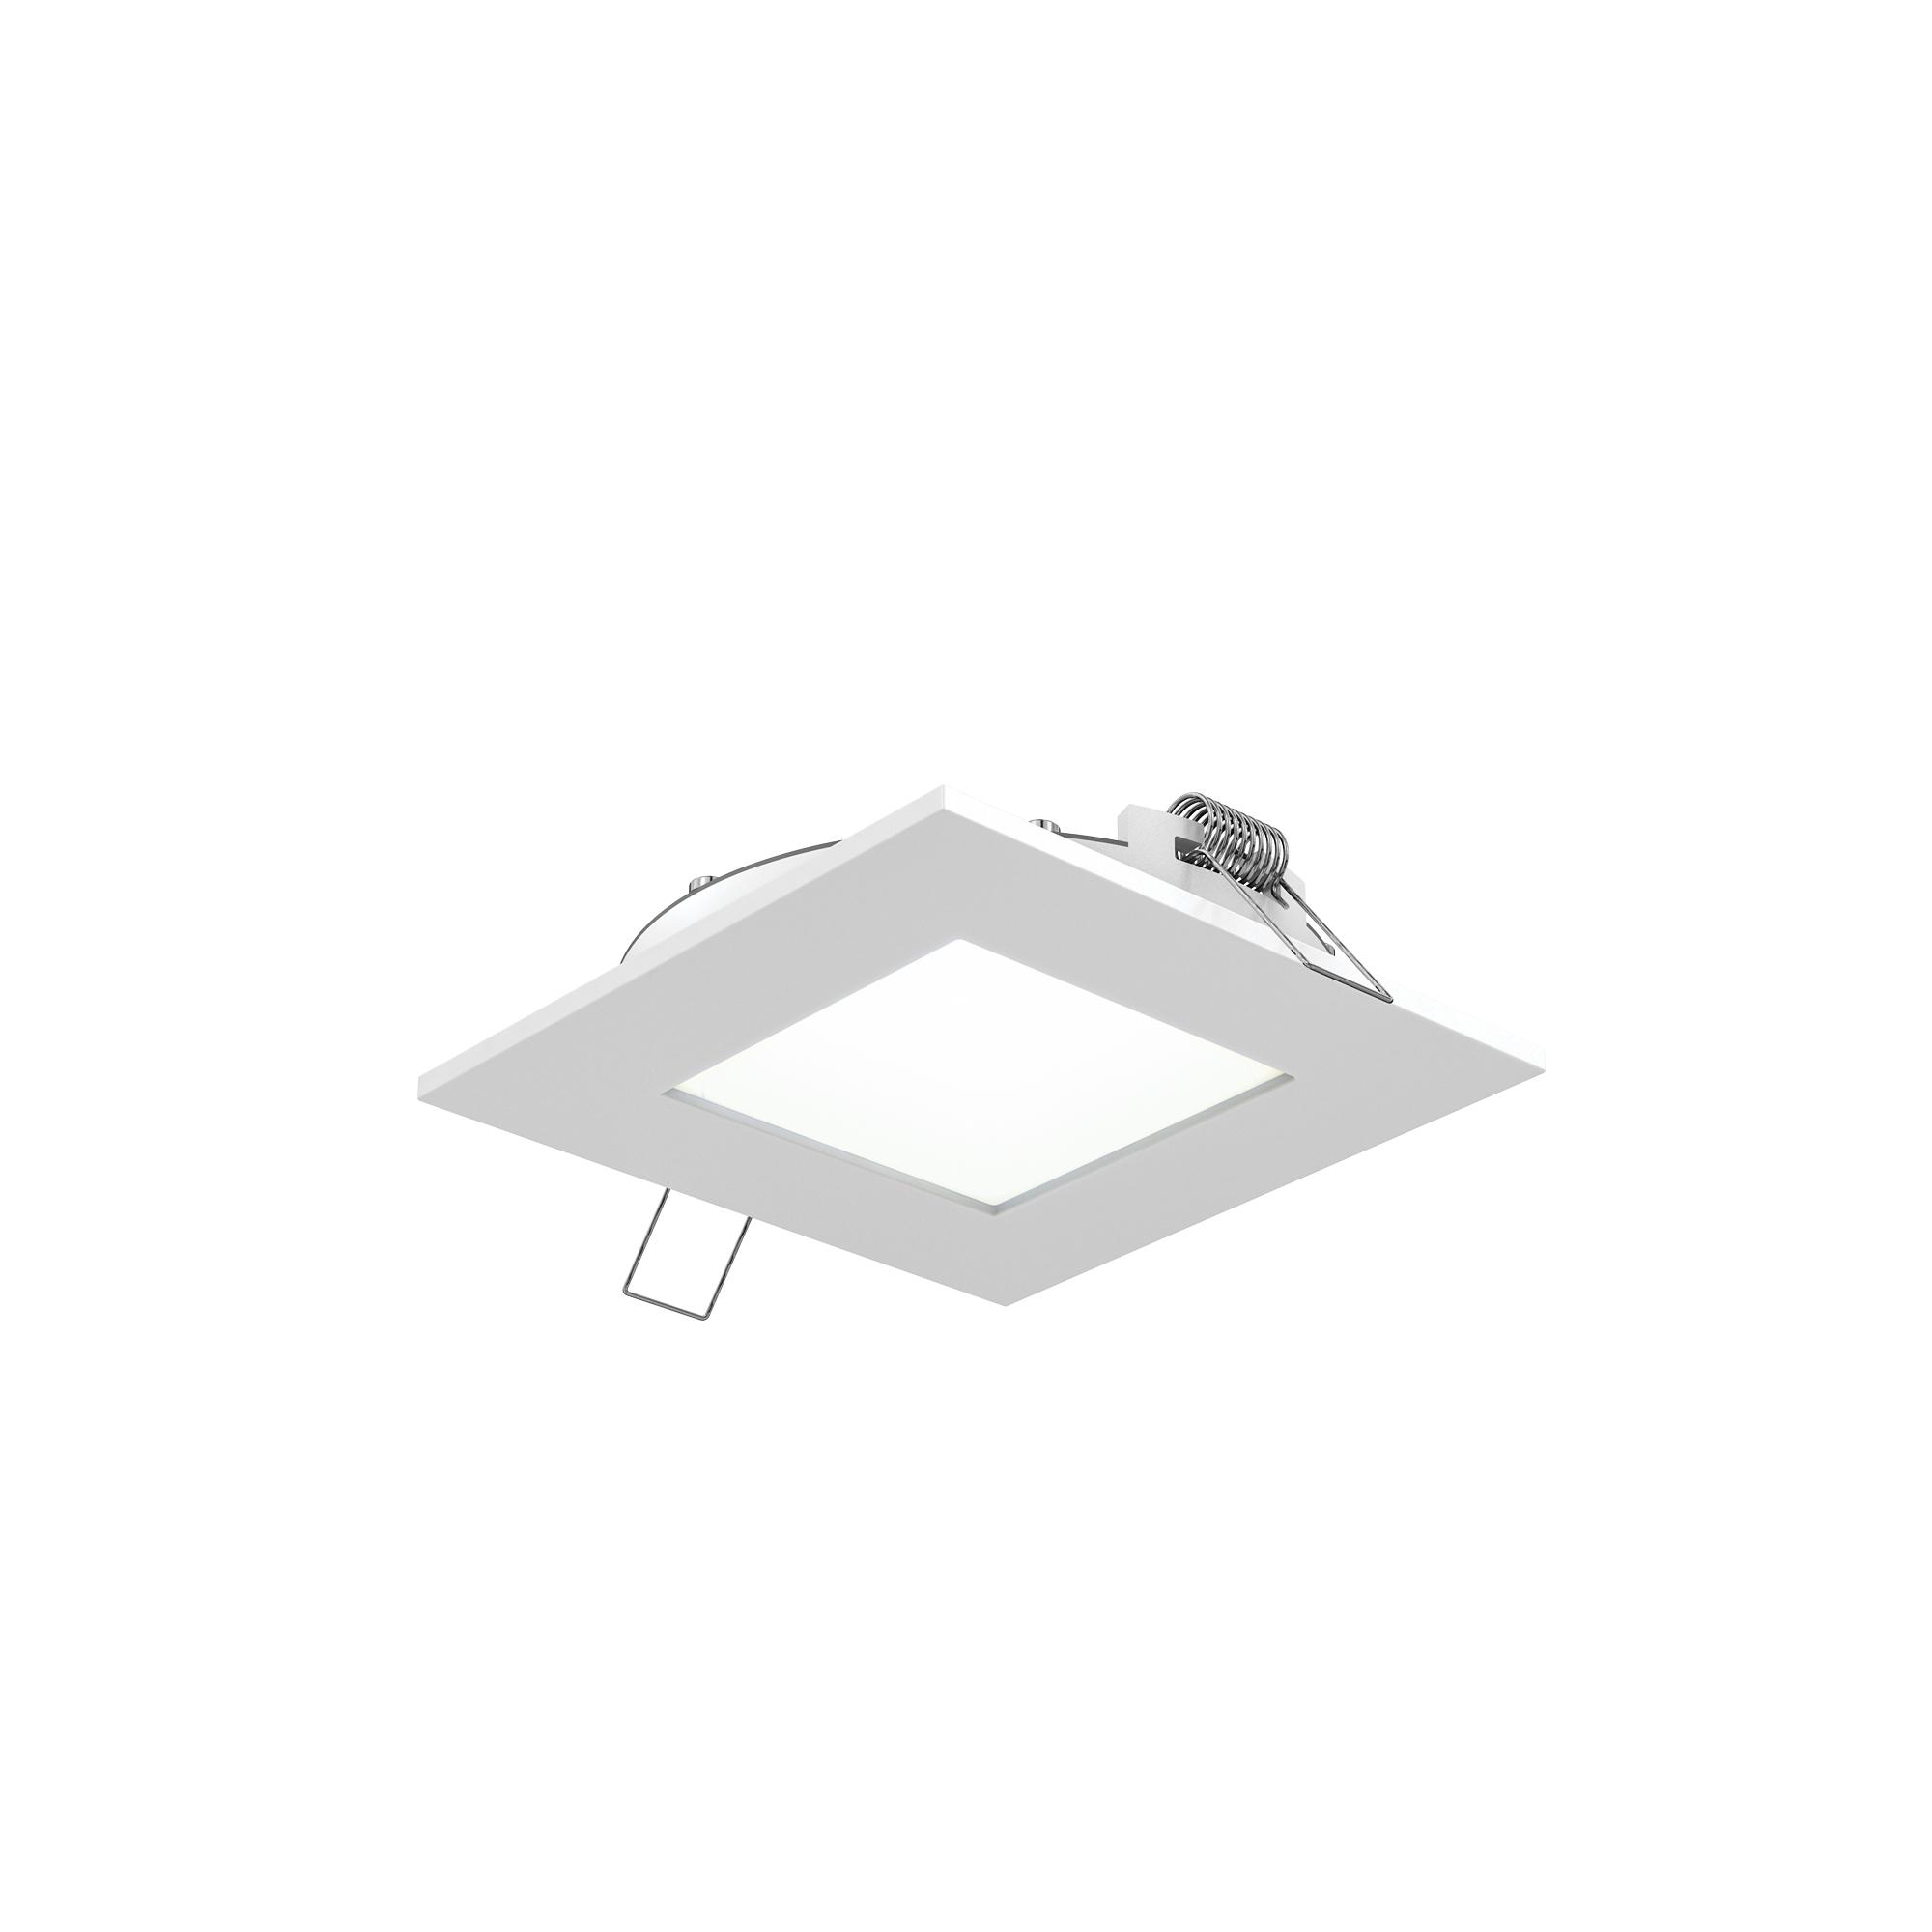 7004-SQ-4K - 4000K square LED panel light